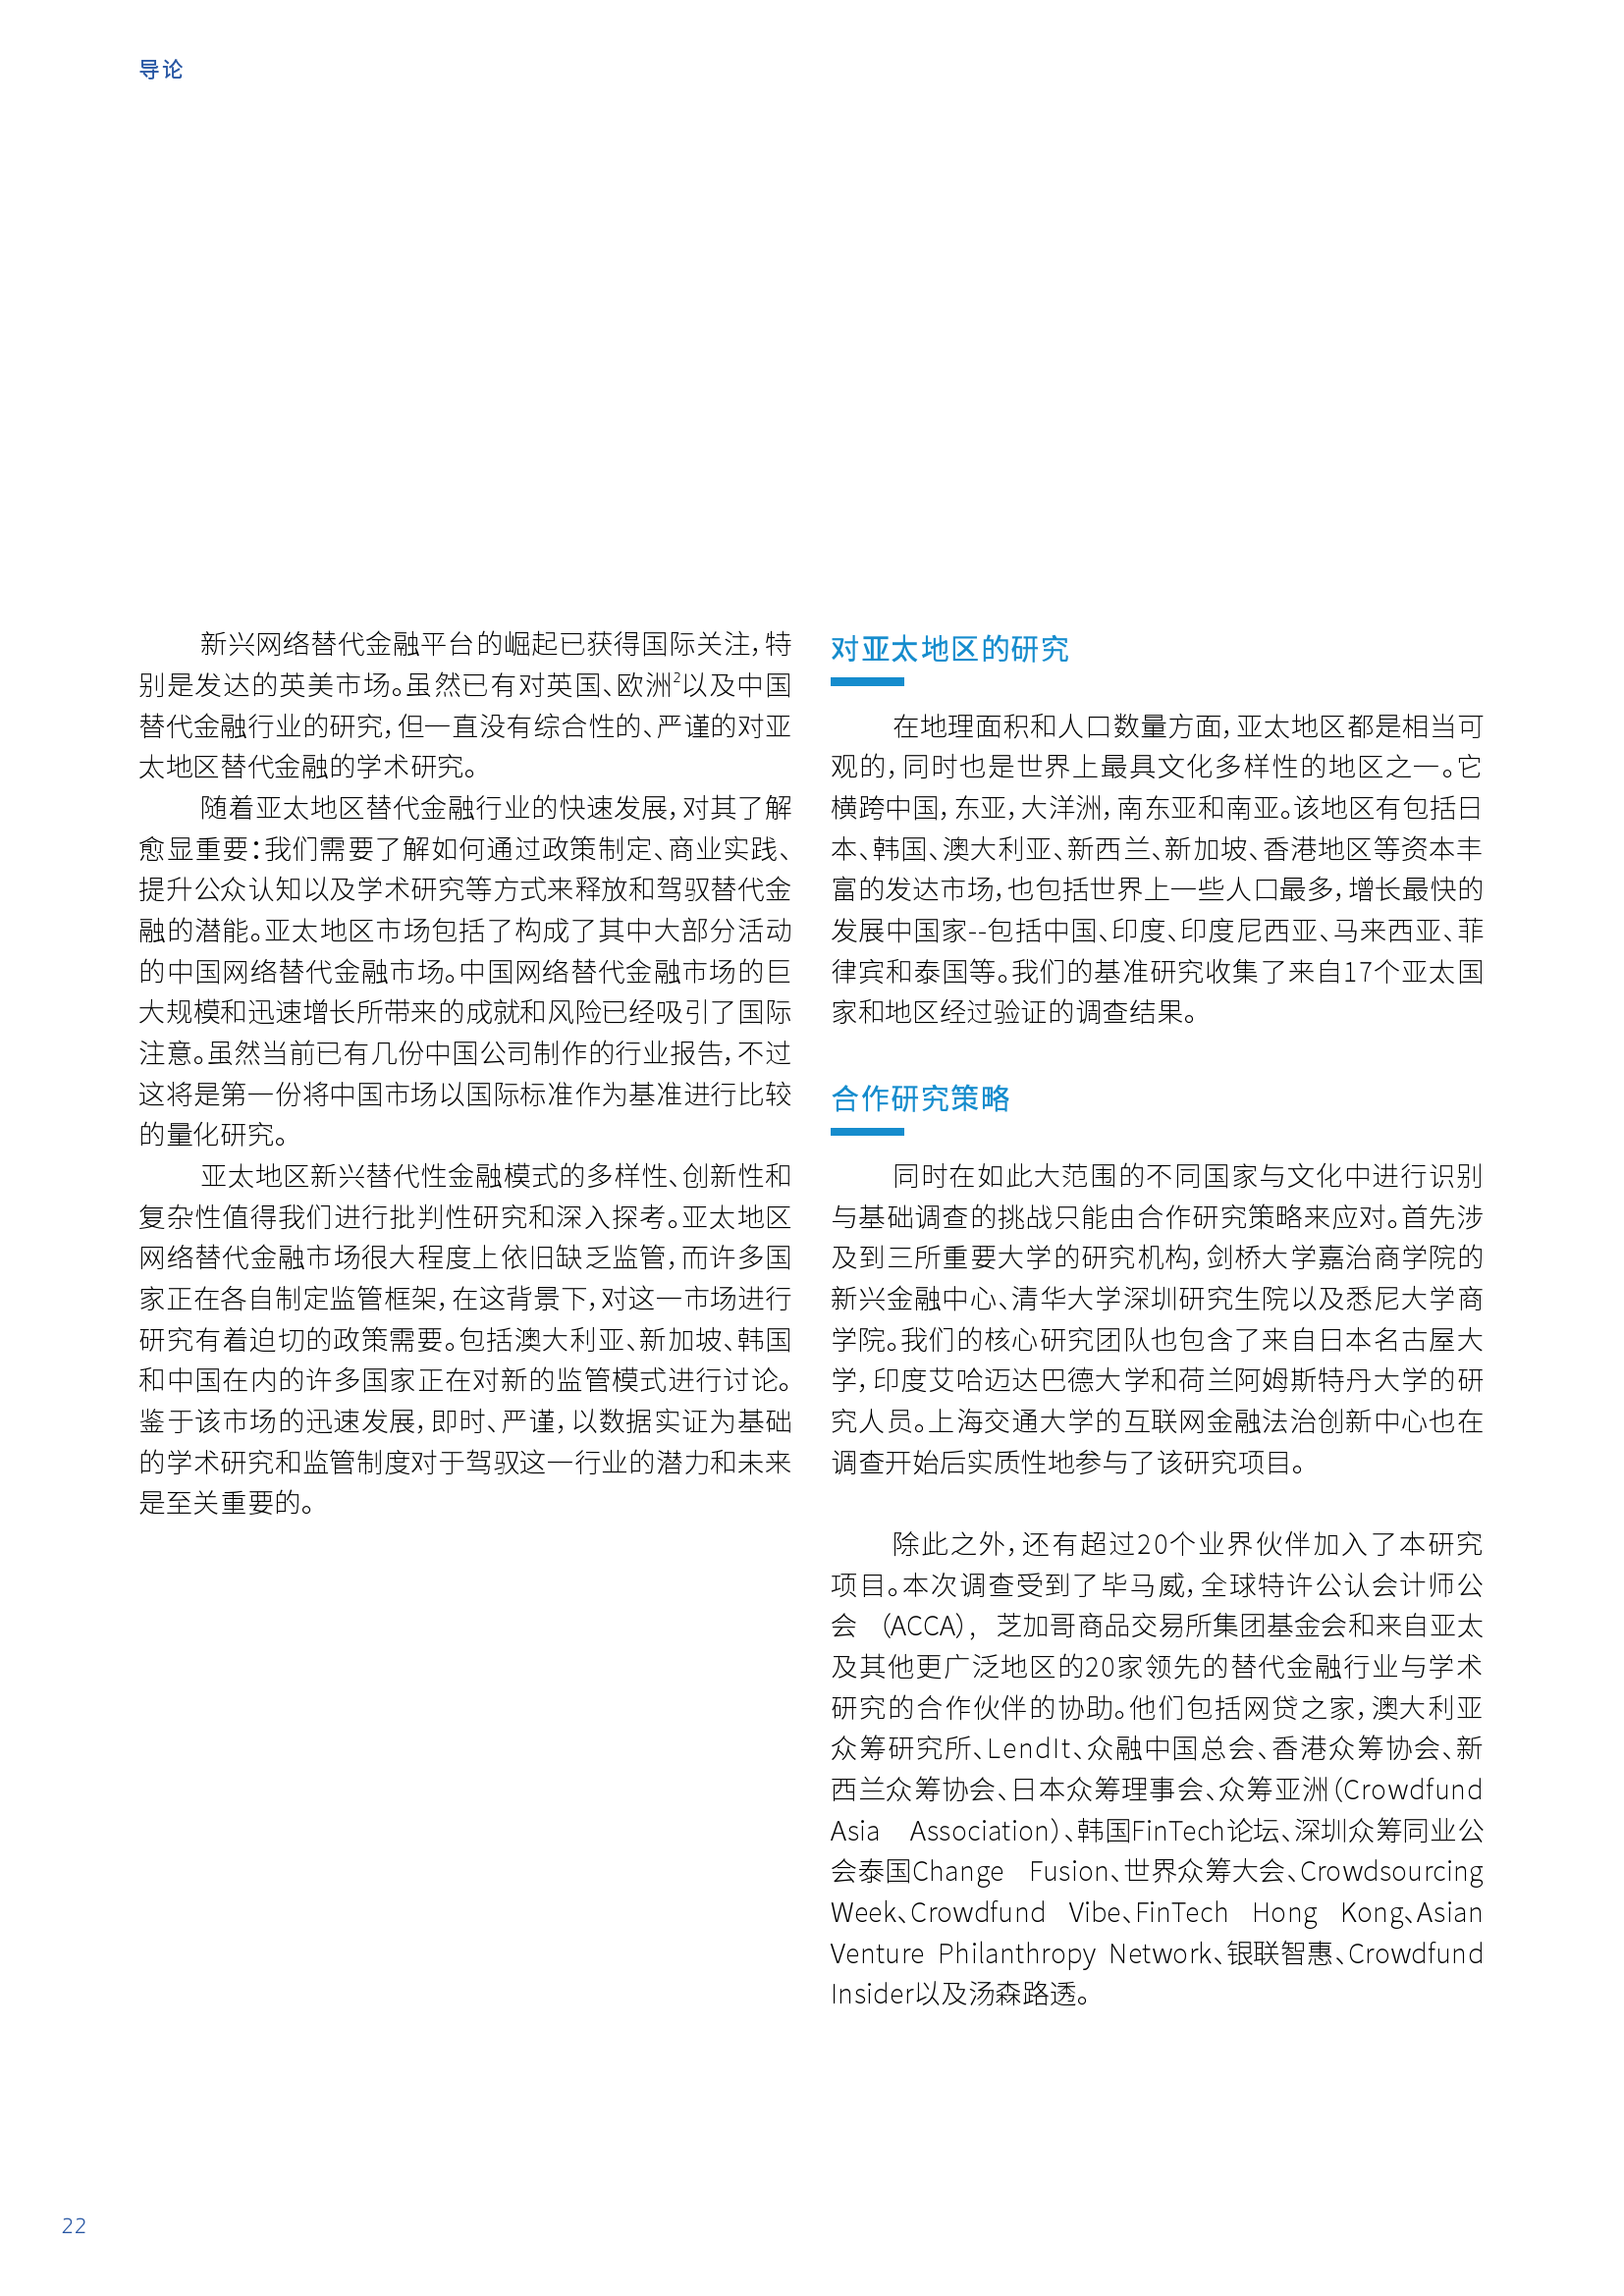 亚太地区网络替代金融基准报告_000022